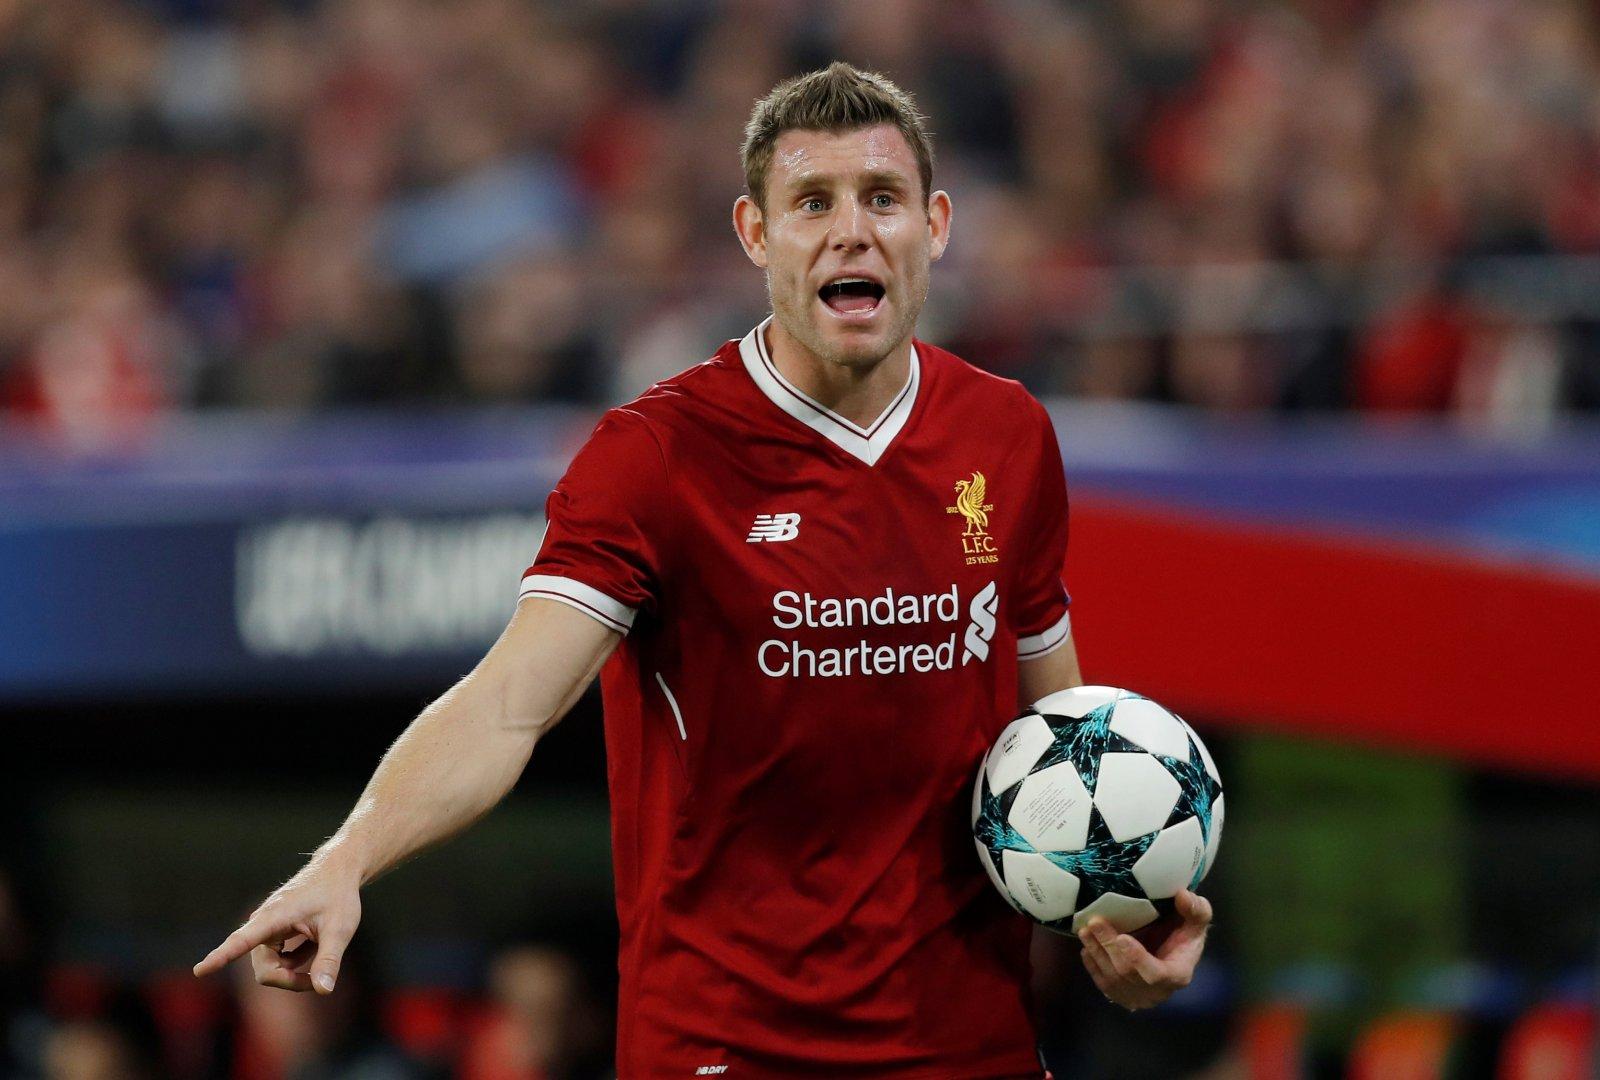 NÓNG: Liverpool có thể mất trắng cầu thủ trụ cột vào cuối mùa giải (James Milner) - Bóng Đá